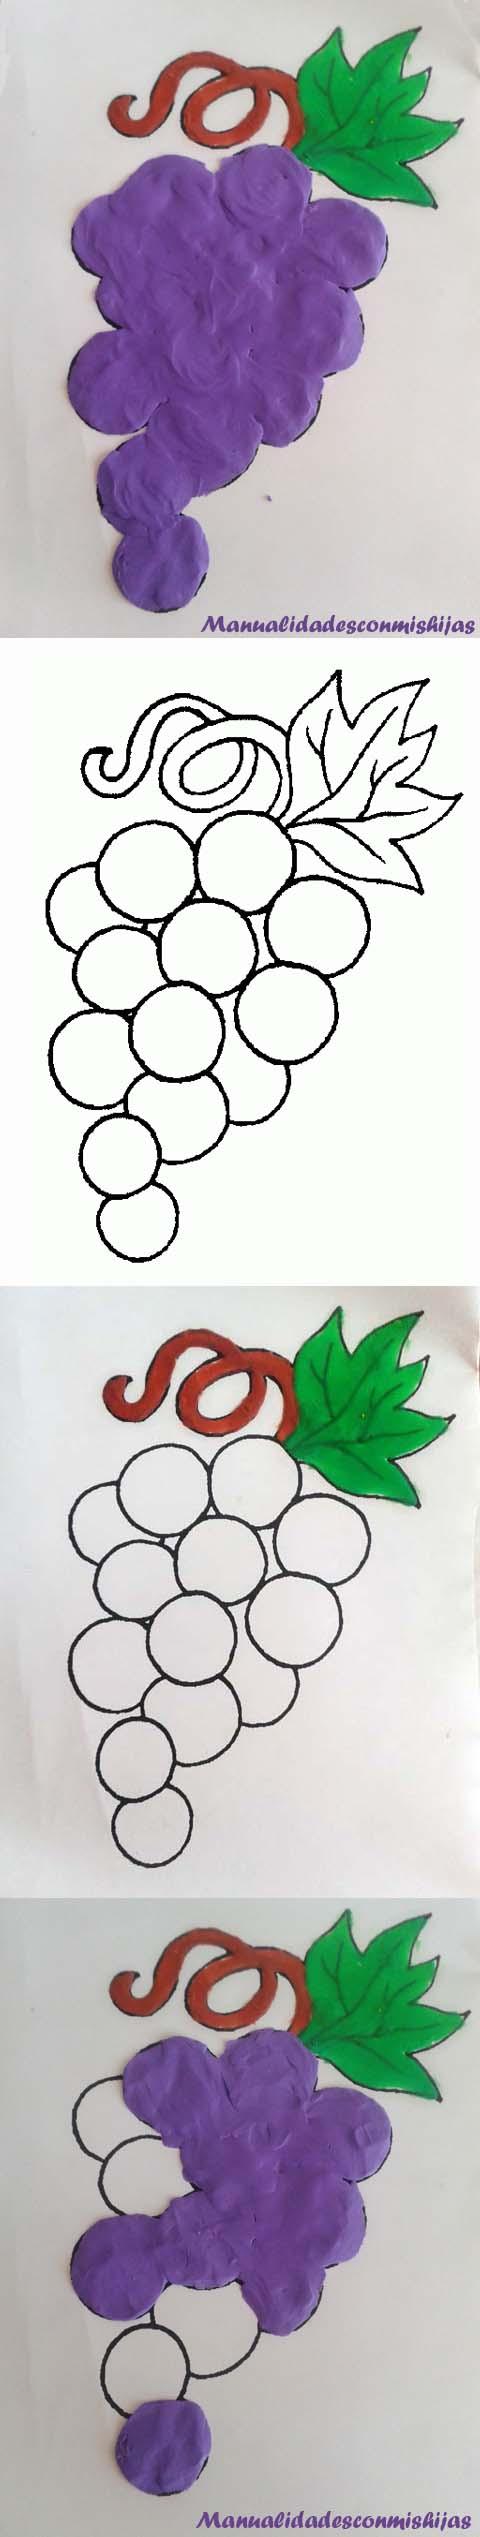 Manualidadesconmishijas: Pintando racimo de uvas y otras frutas con ...